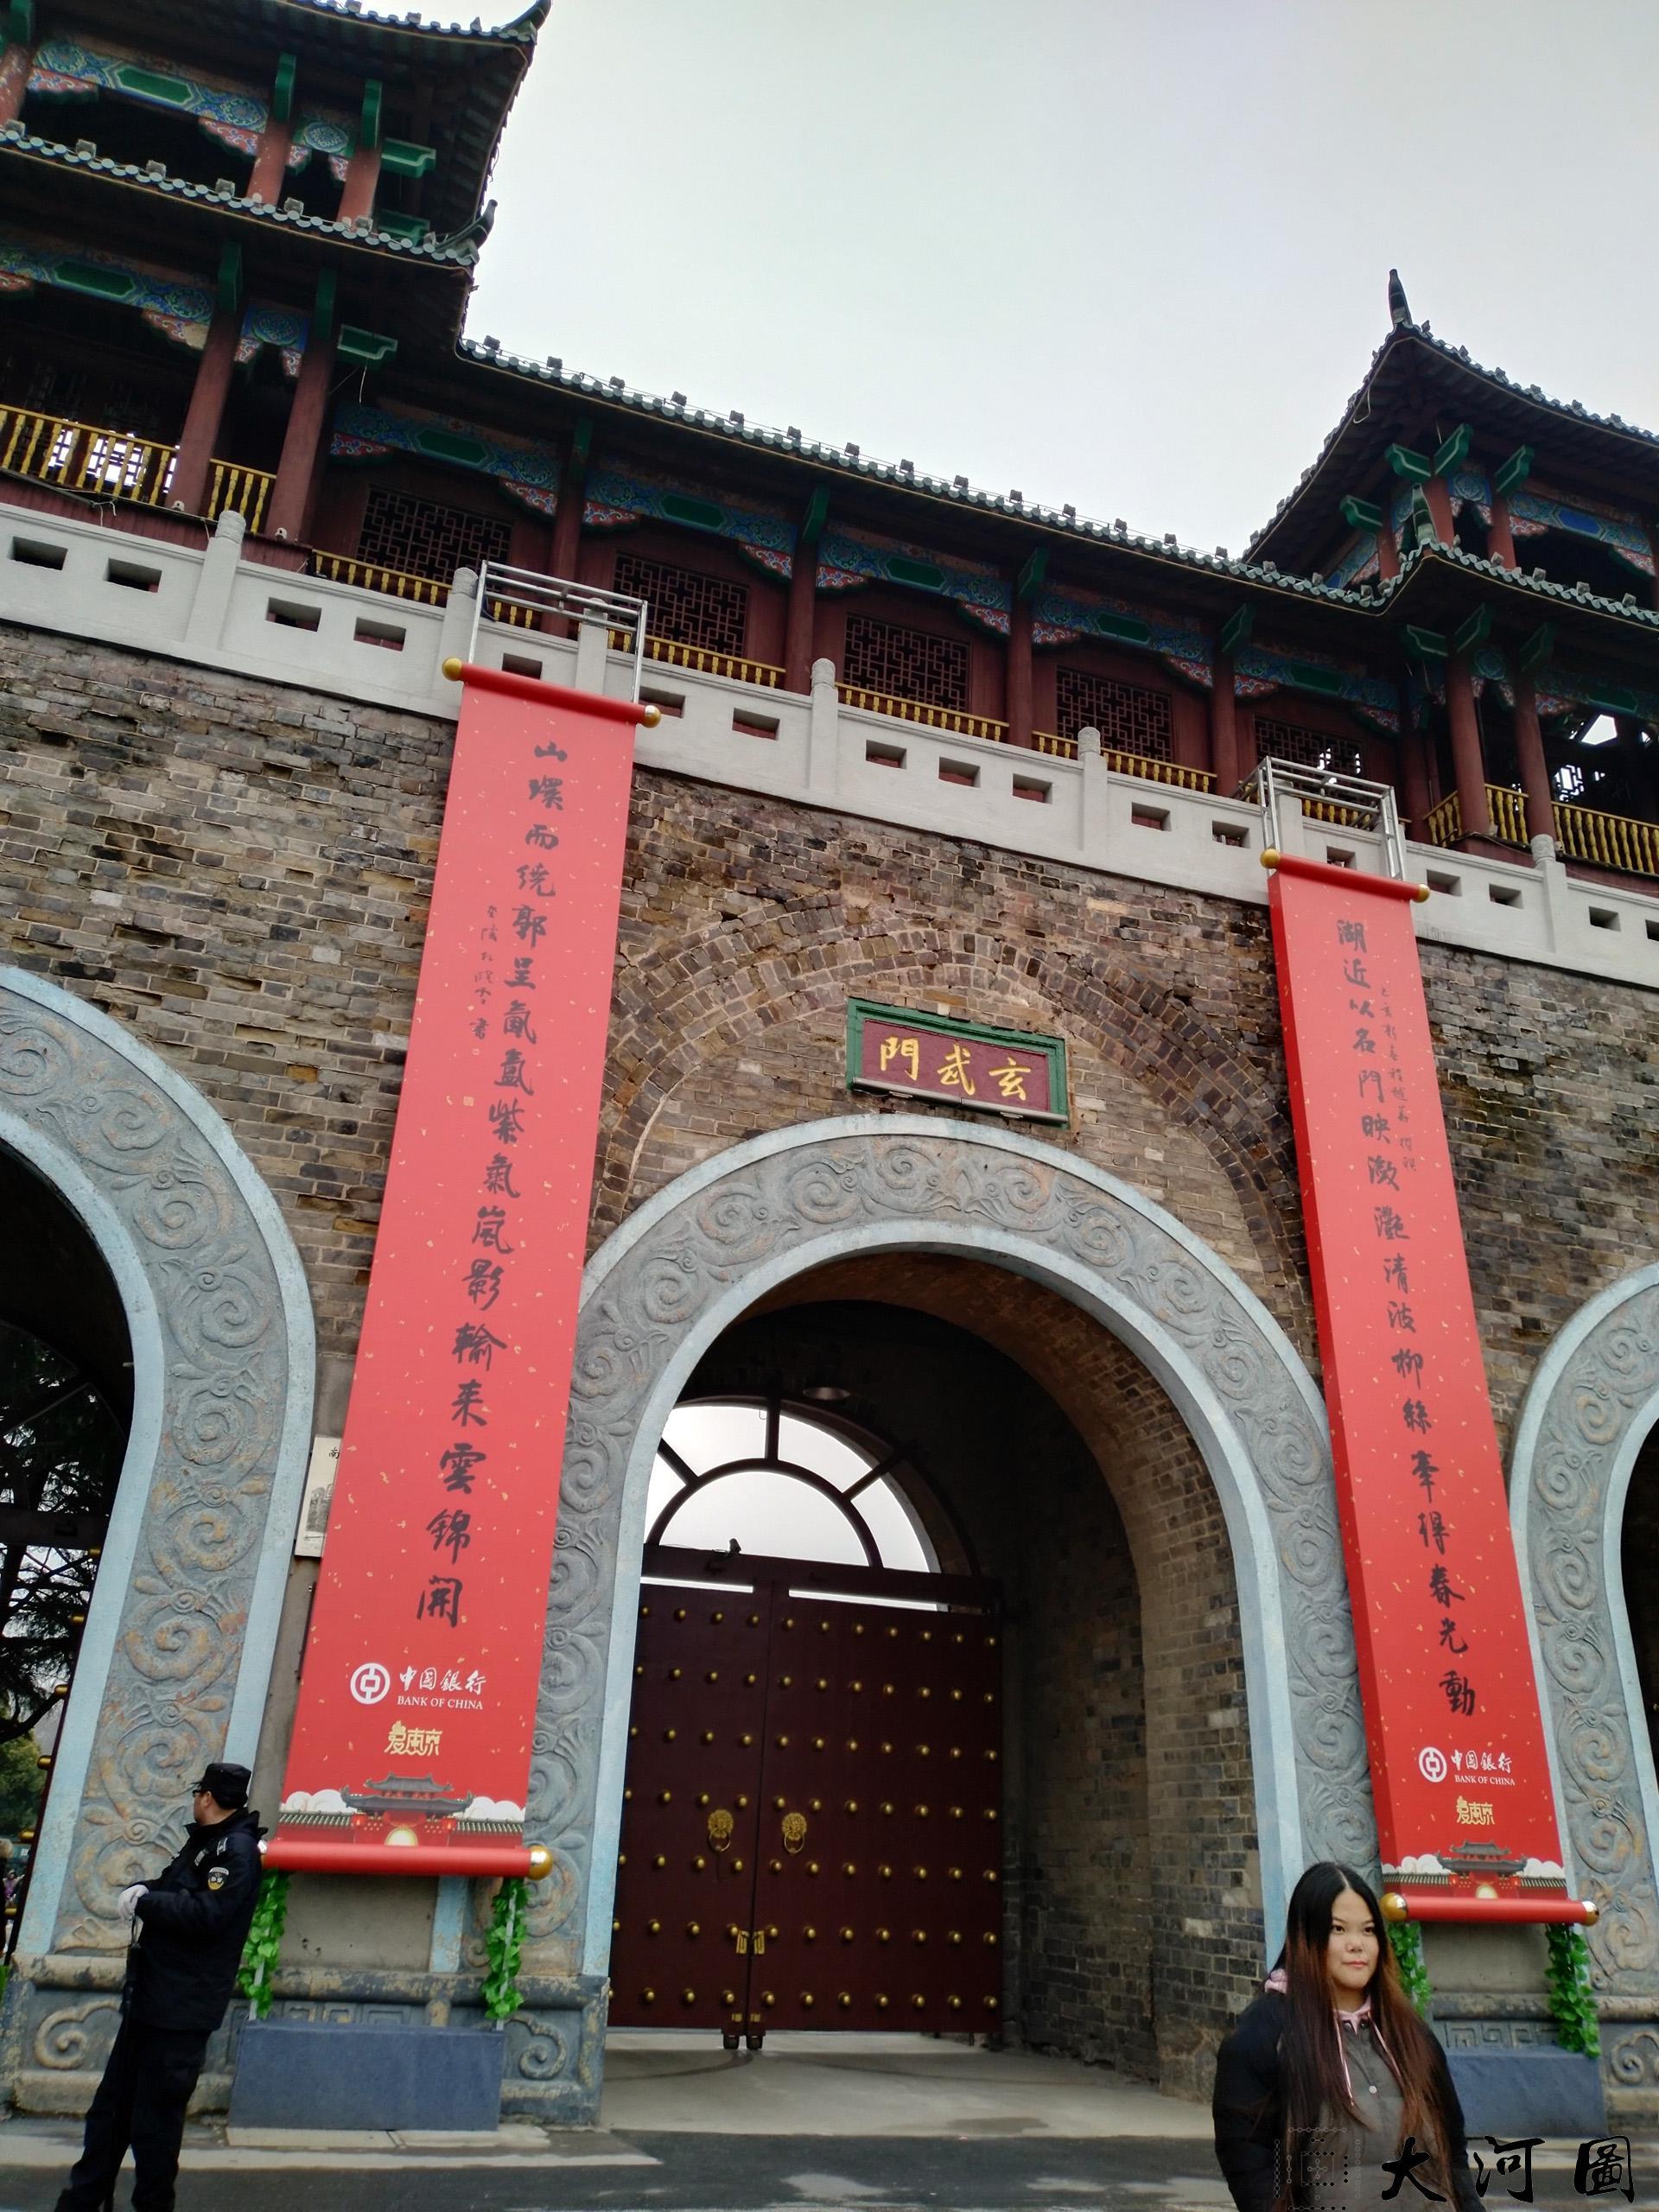 2019年3月的南京玄武湖公园之旅 摄影 第1张